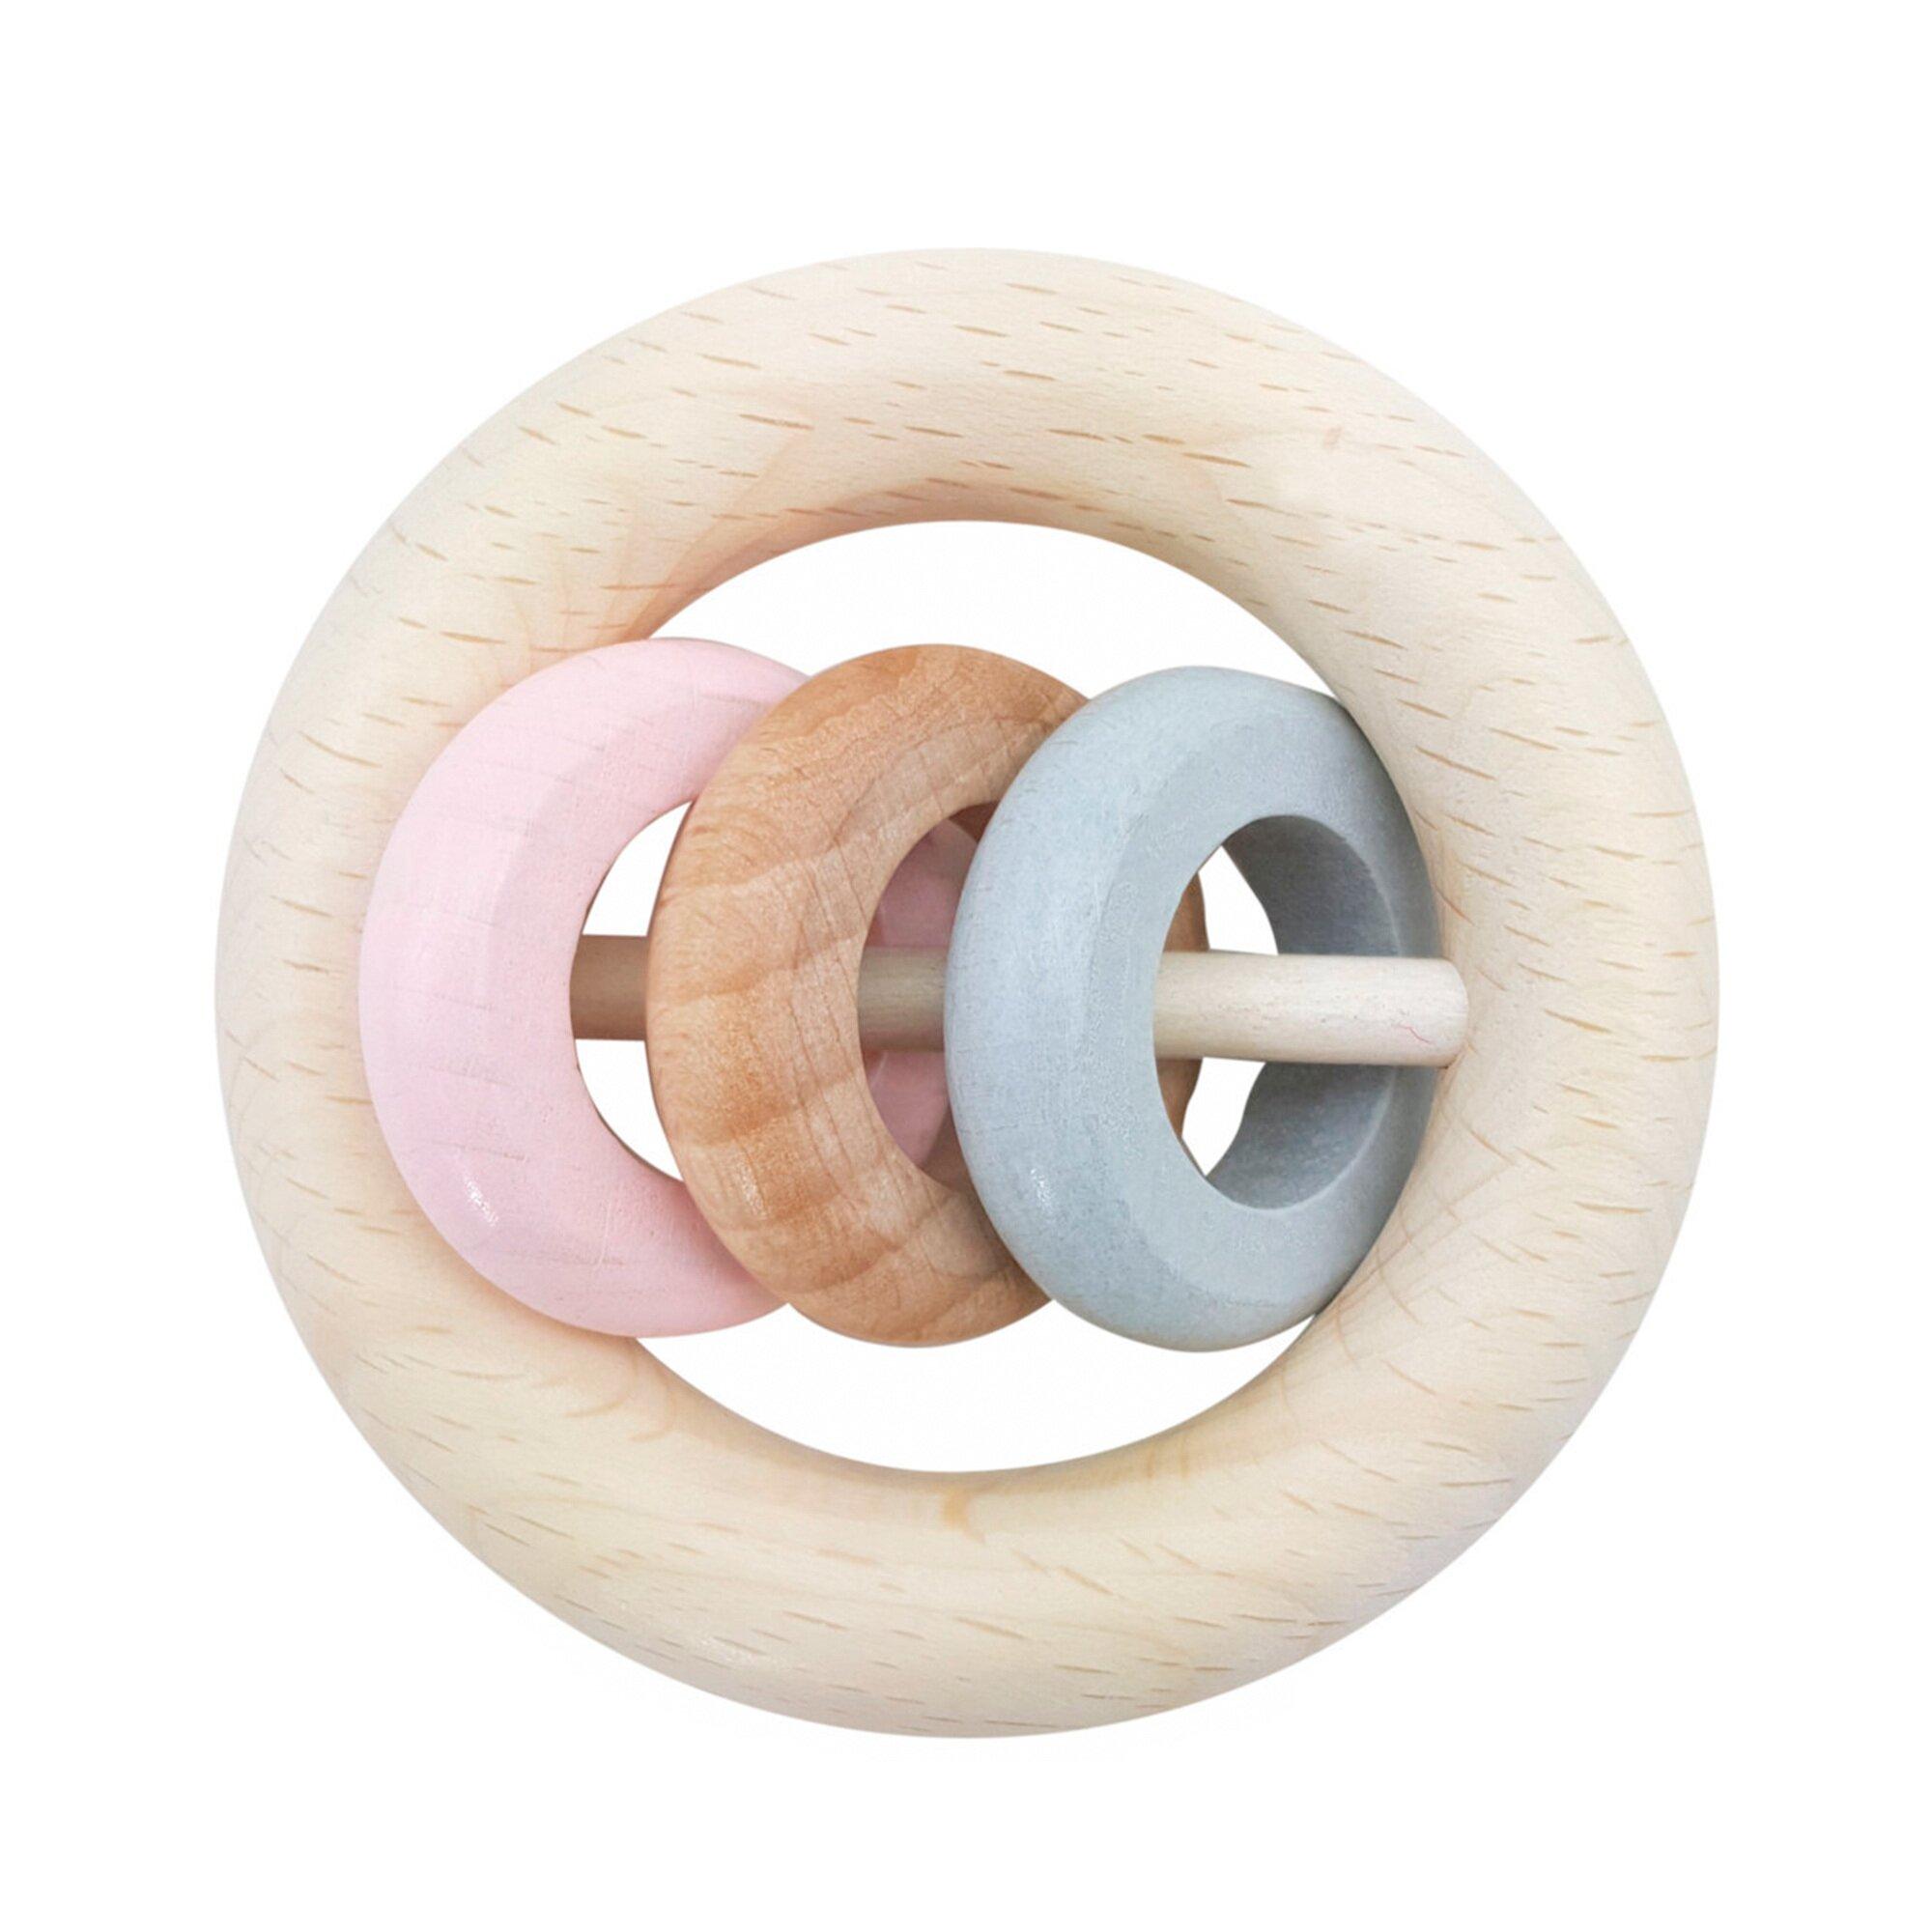 Hess Spielzeug Rassel 3 Ringe aus Holz